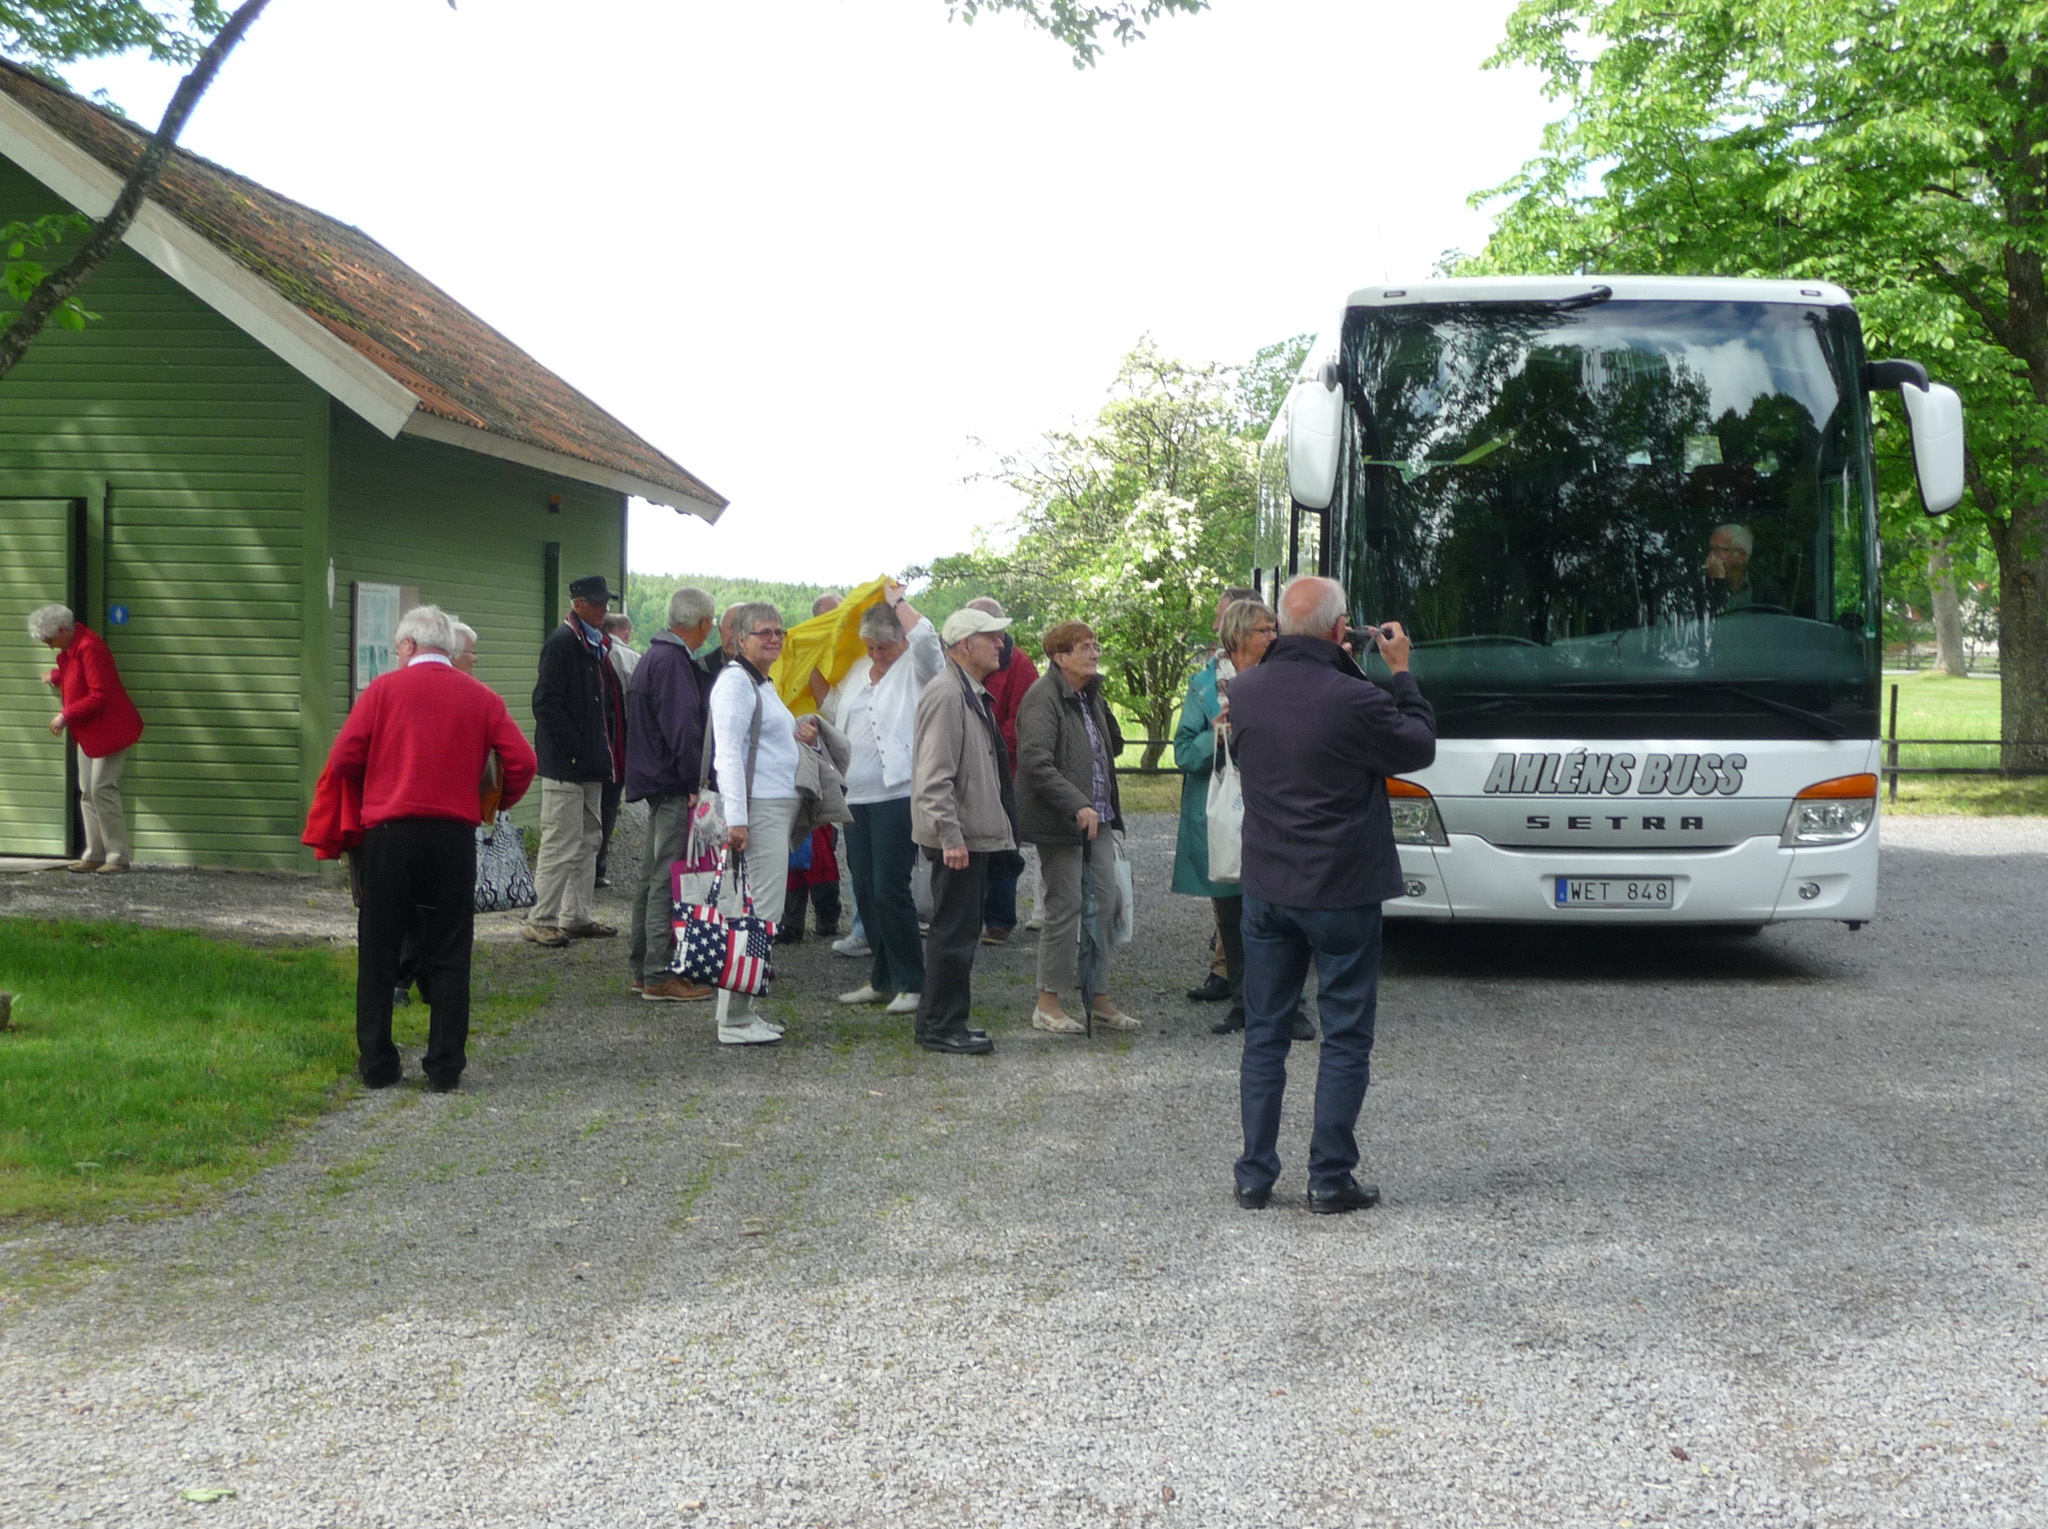 2012 Stjärnsunds slott, Olshammars gård. - 21